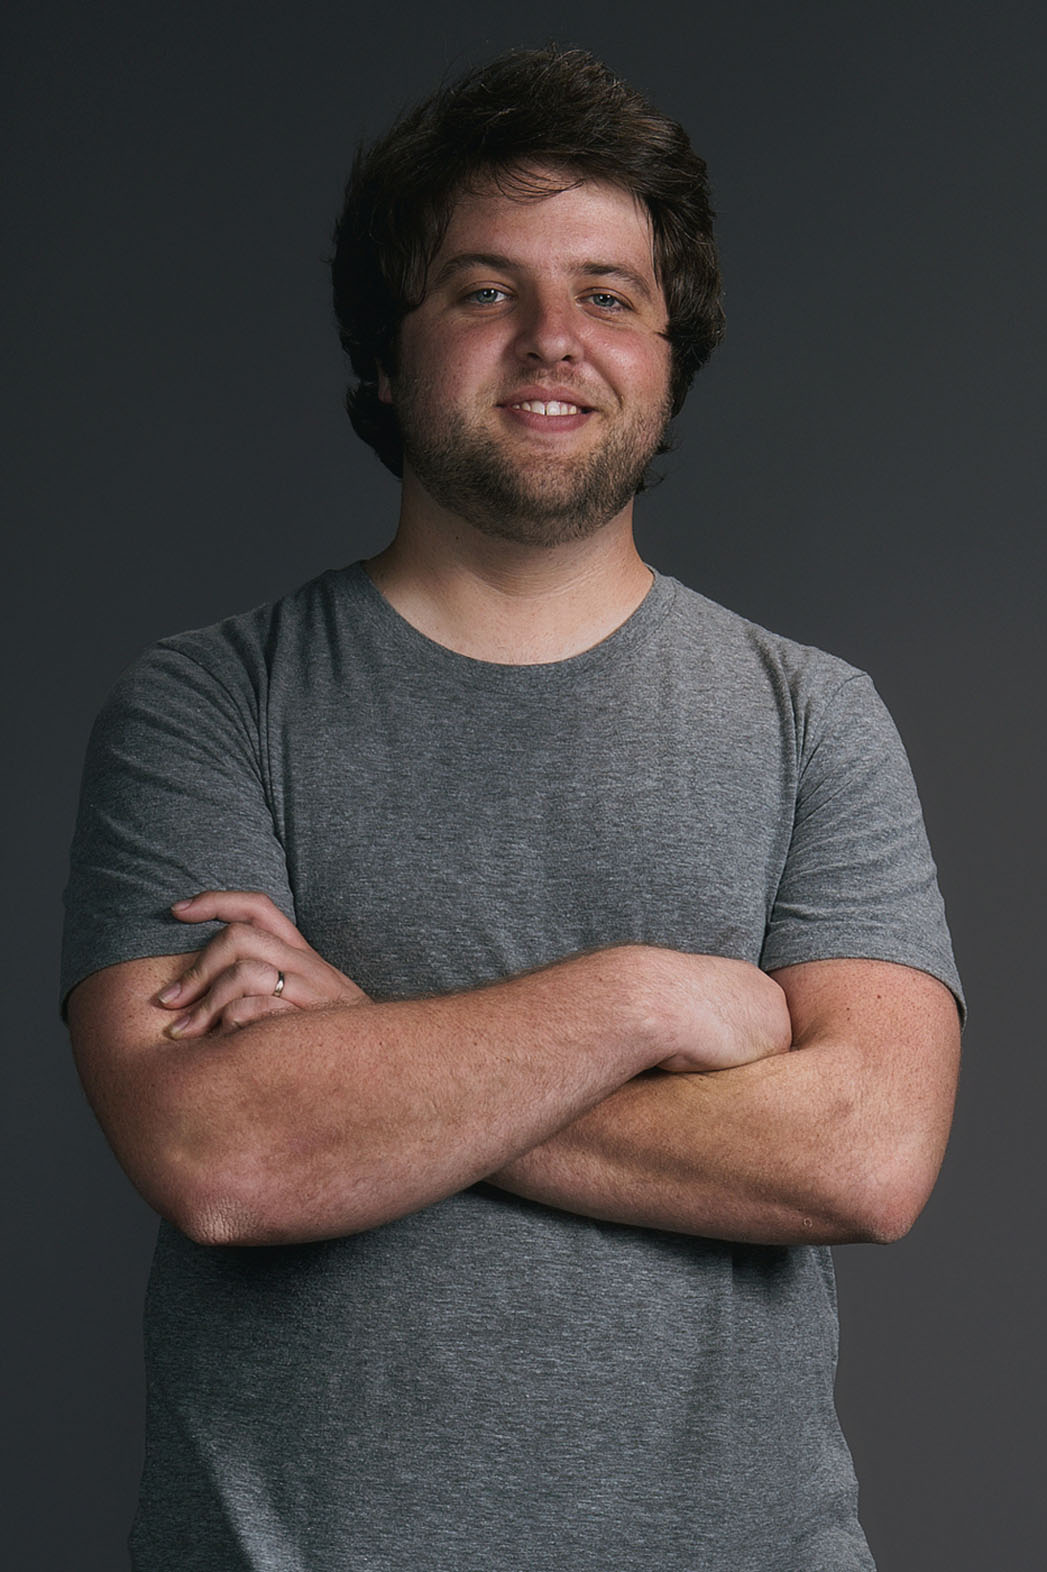 Chris Eyerman Portrait - P 2014